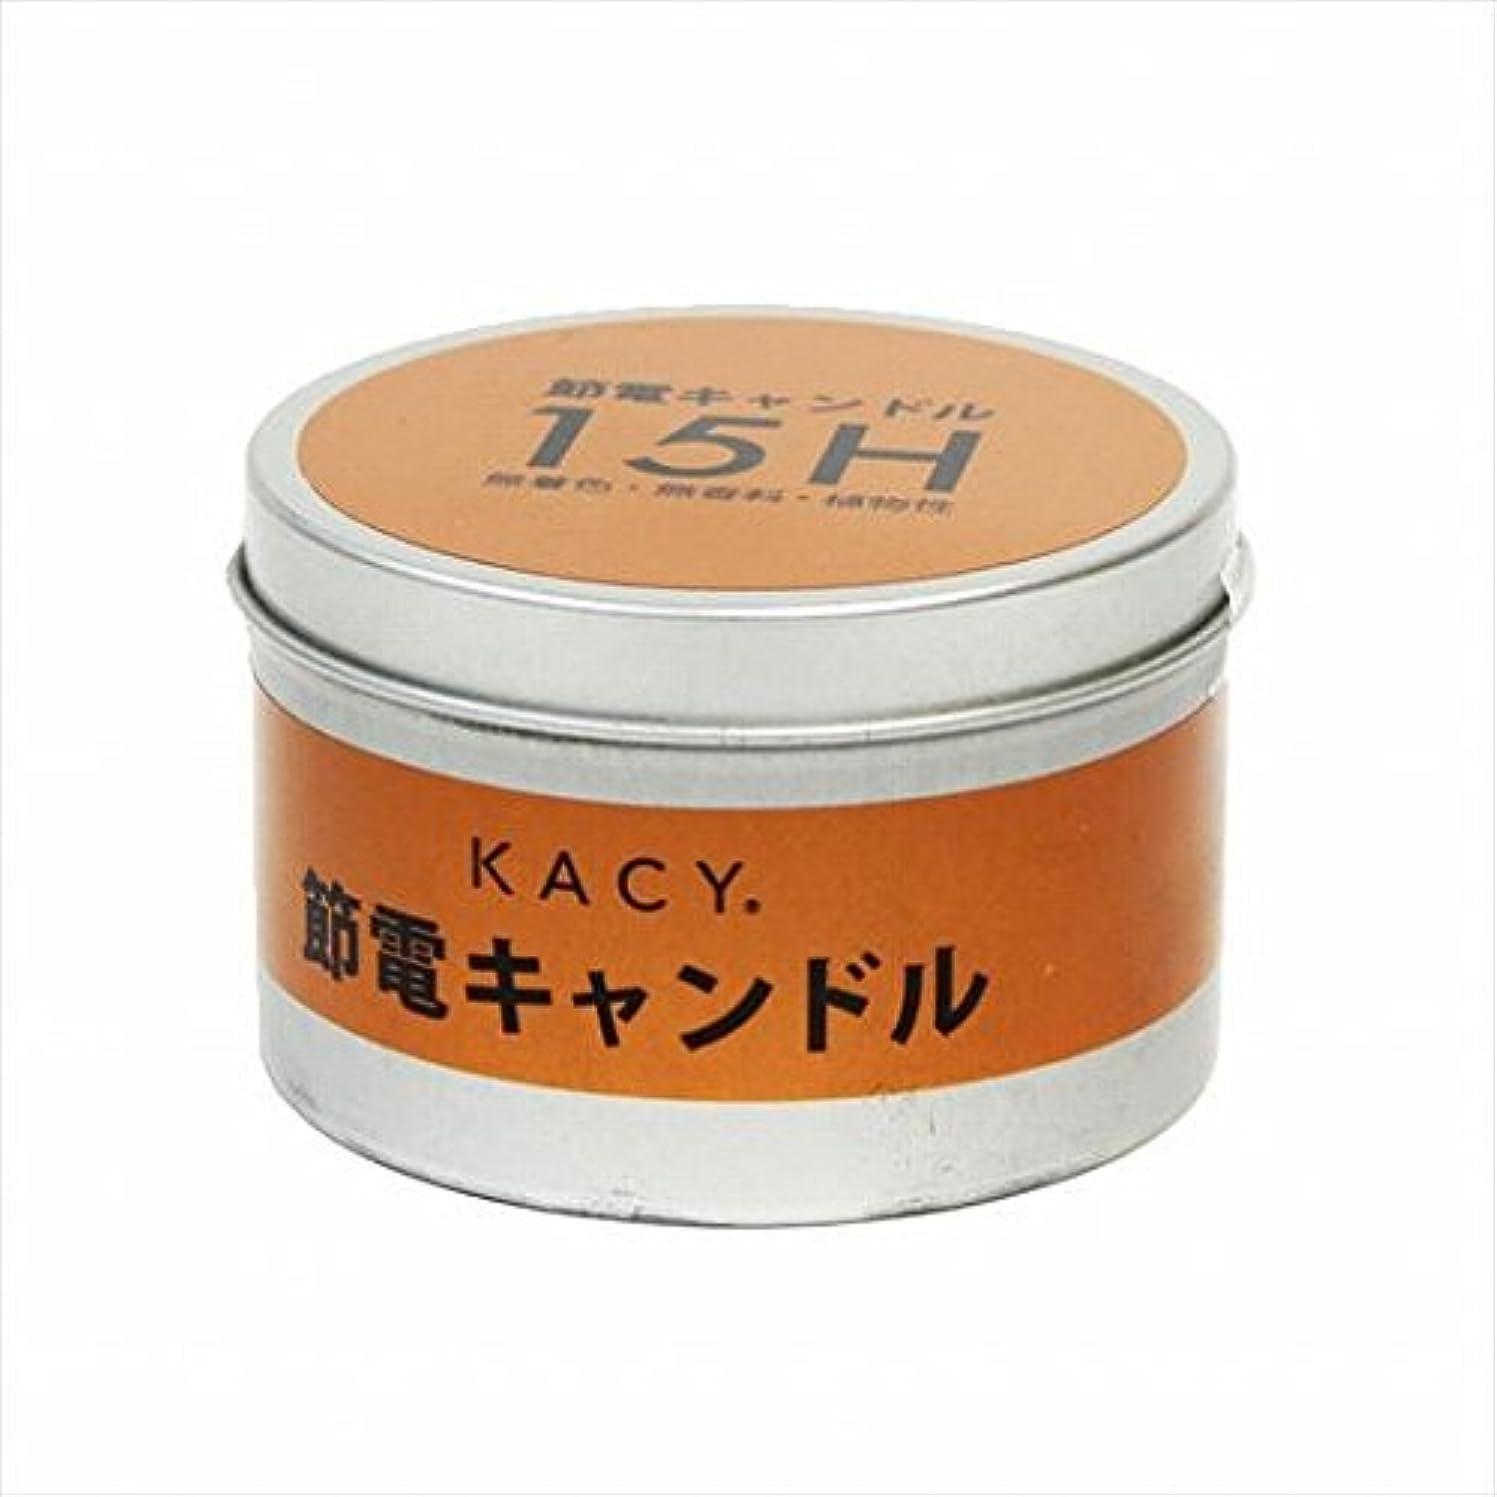 粘液リングレット悪質なカメヤマキャンドル(kameyama candle) 節電缶キャンドル15時間タイプ